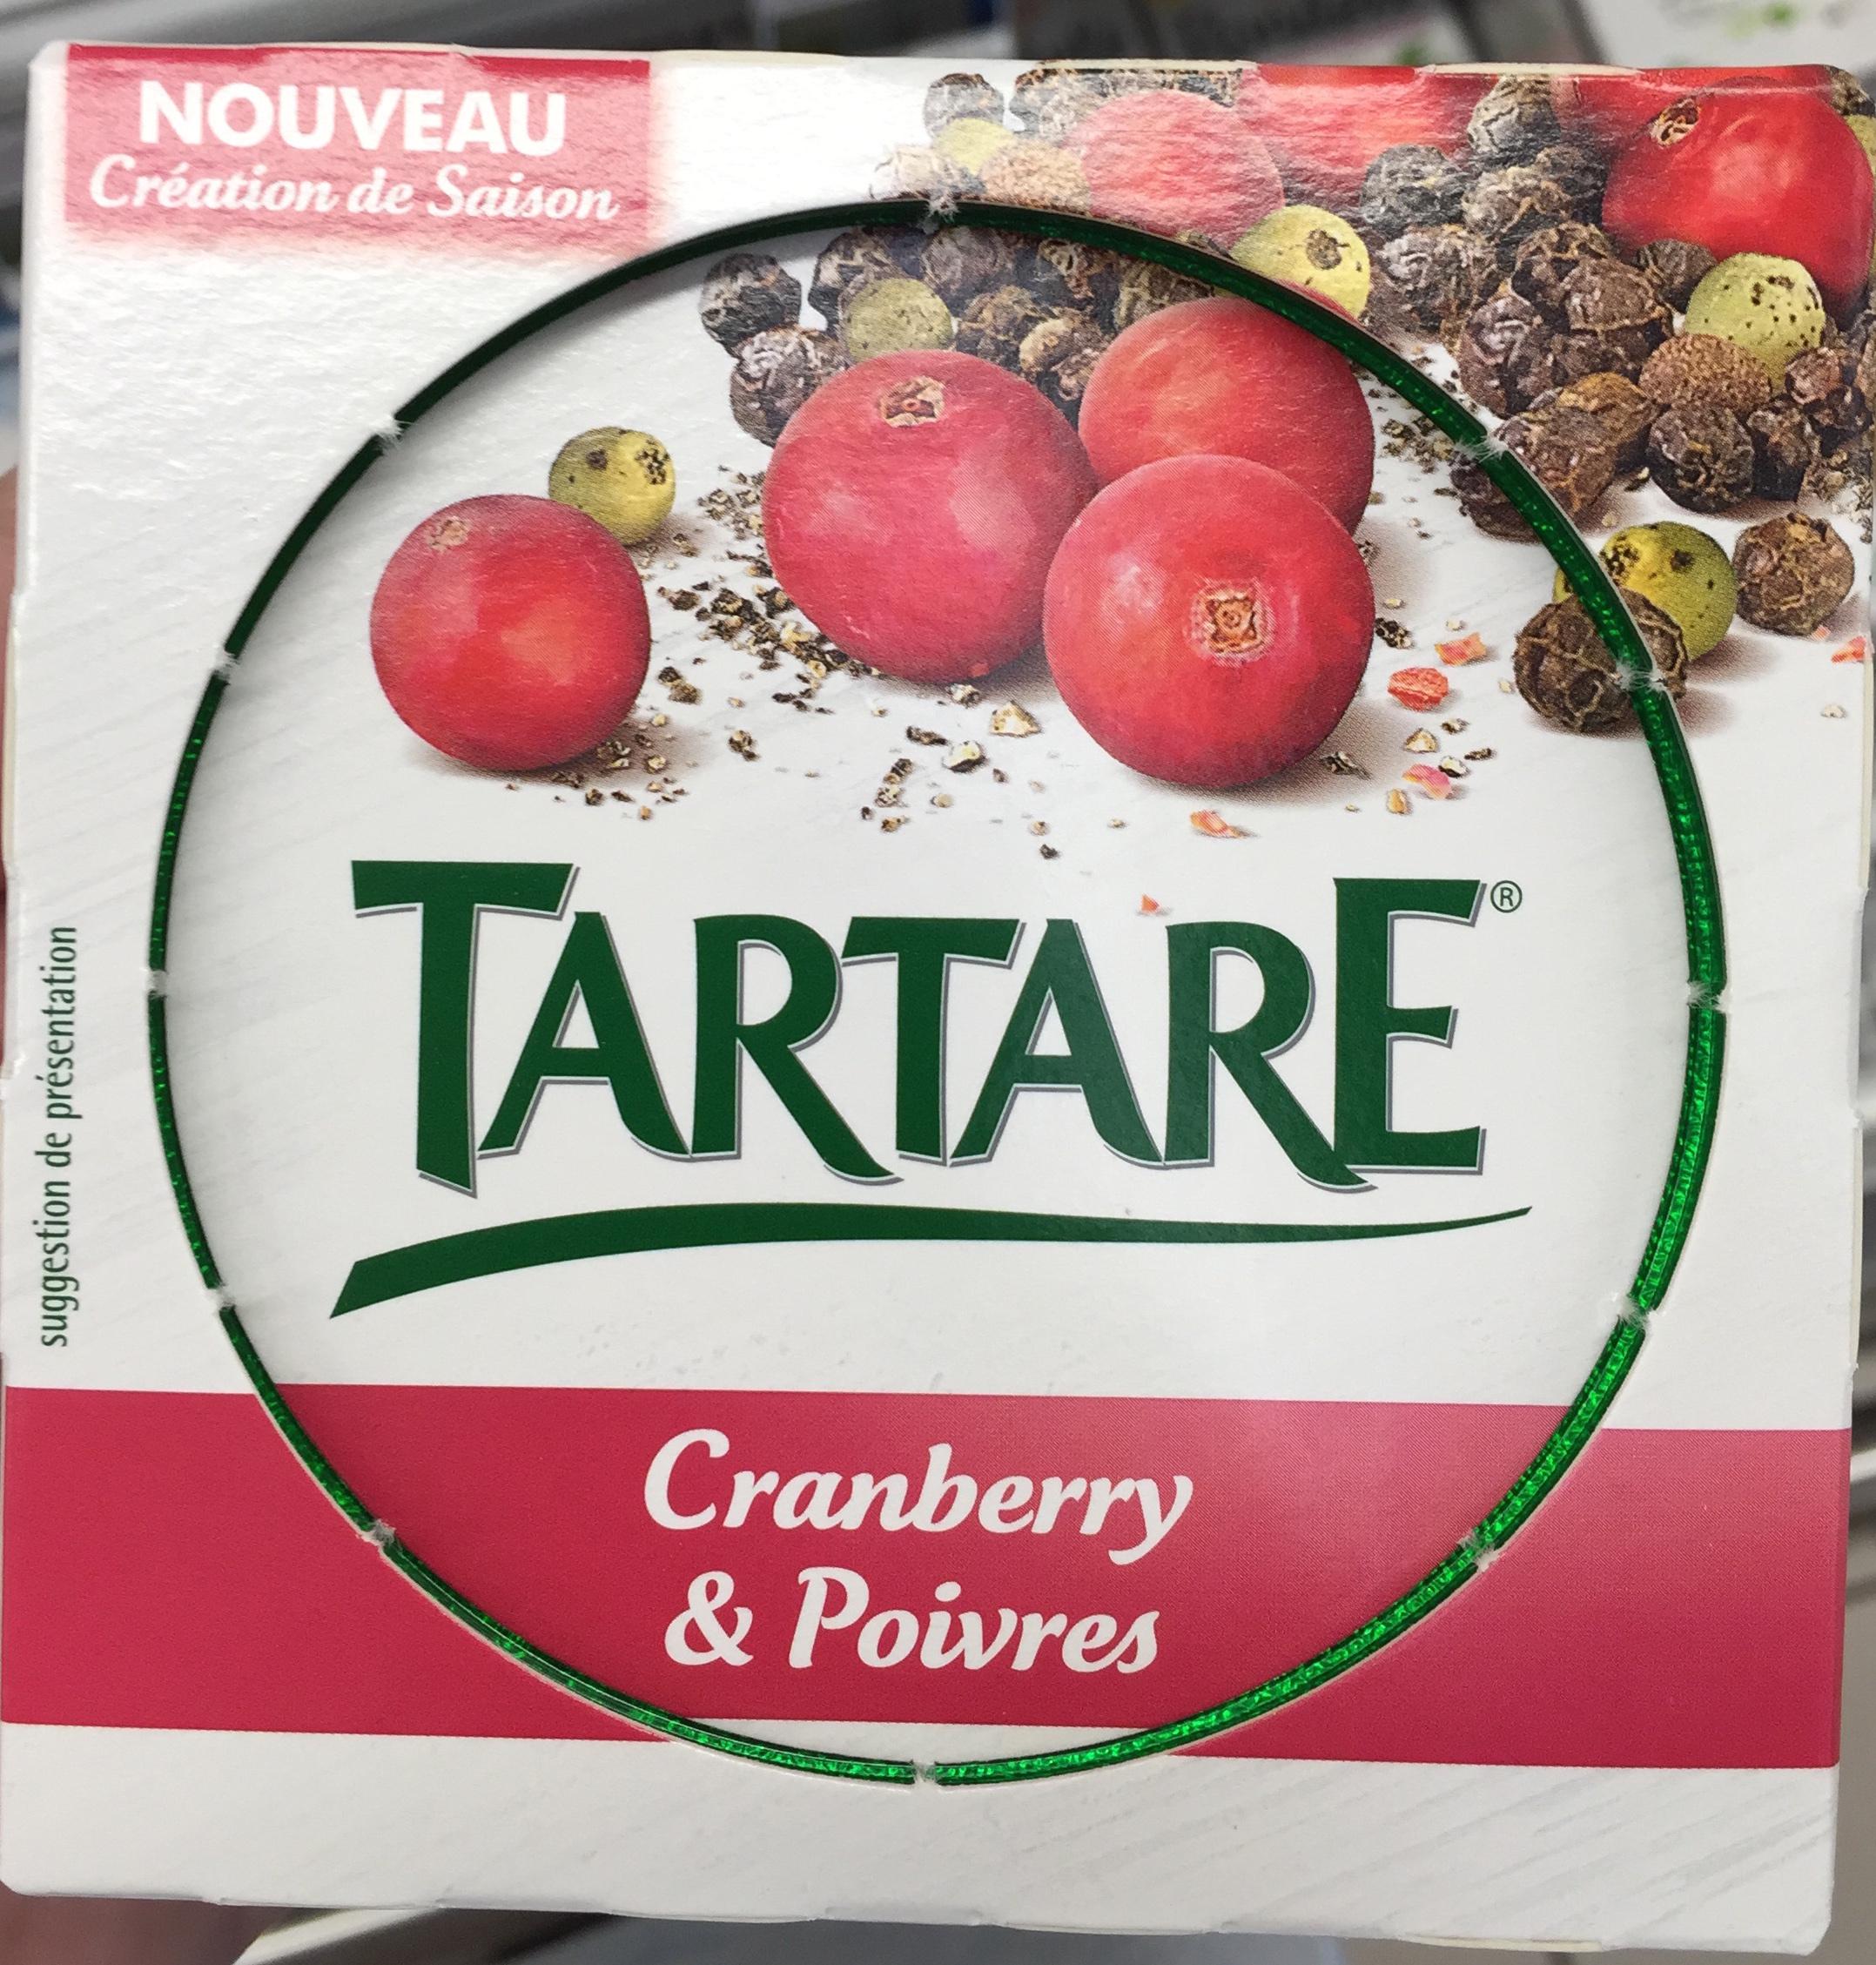 Tartare cranberry & poivres - Produit - fr